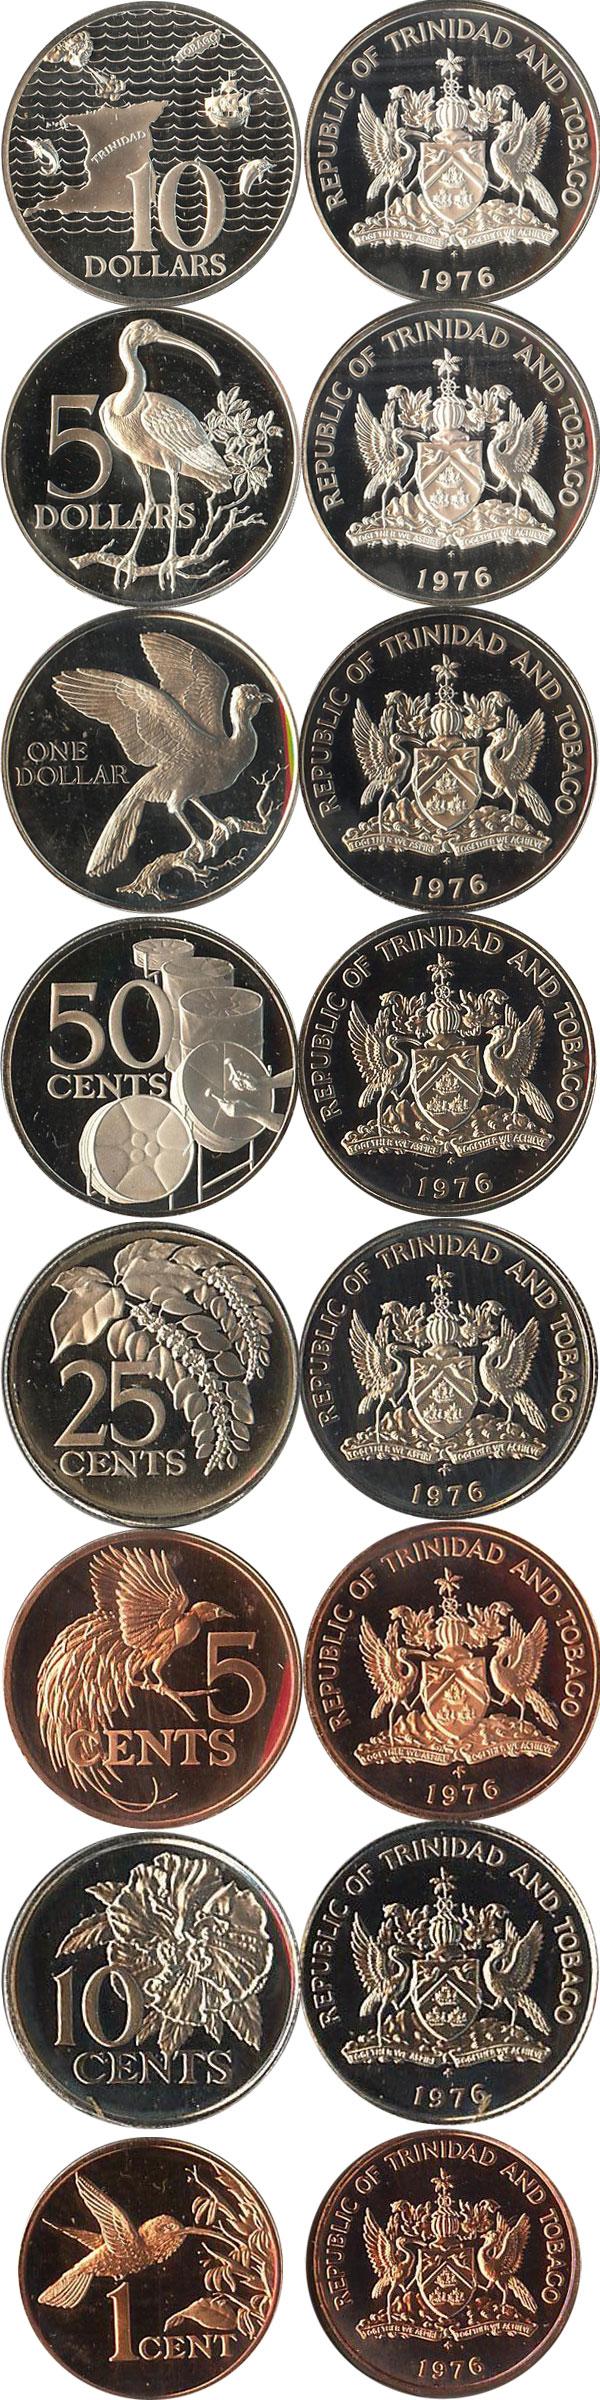 Картинка Подарочные наборы Тринидад и Тобаго Выпуск памятных монет 1976 года  1976